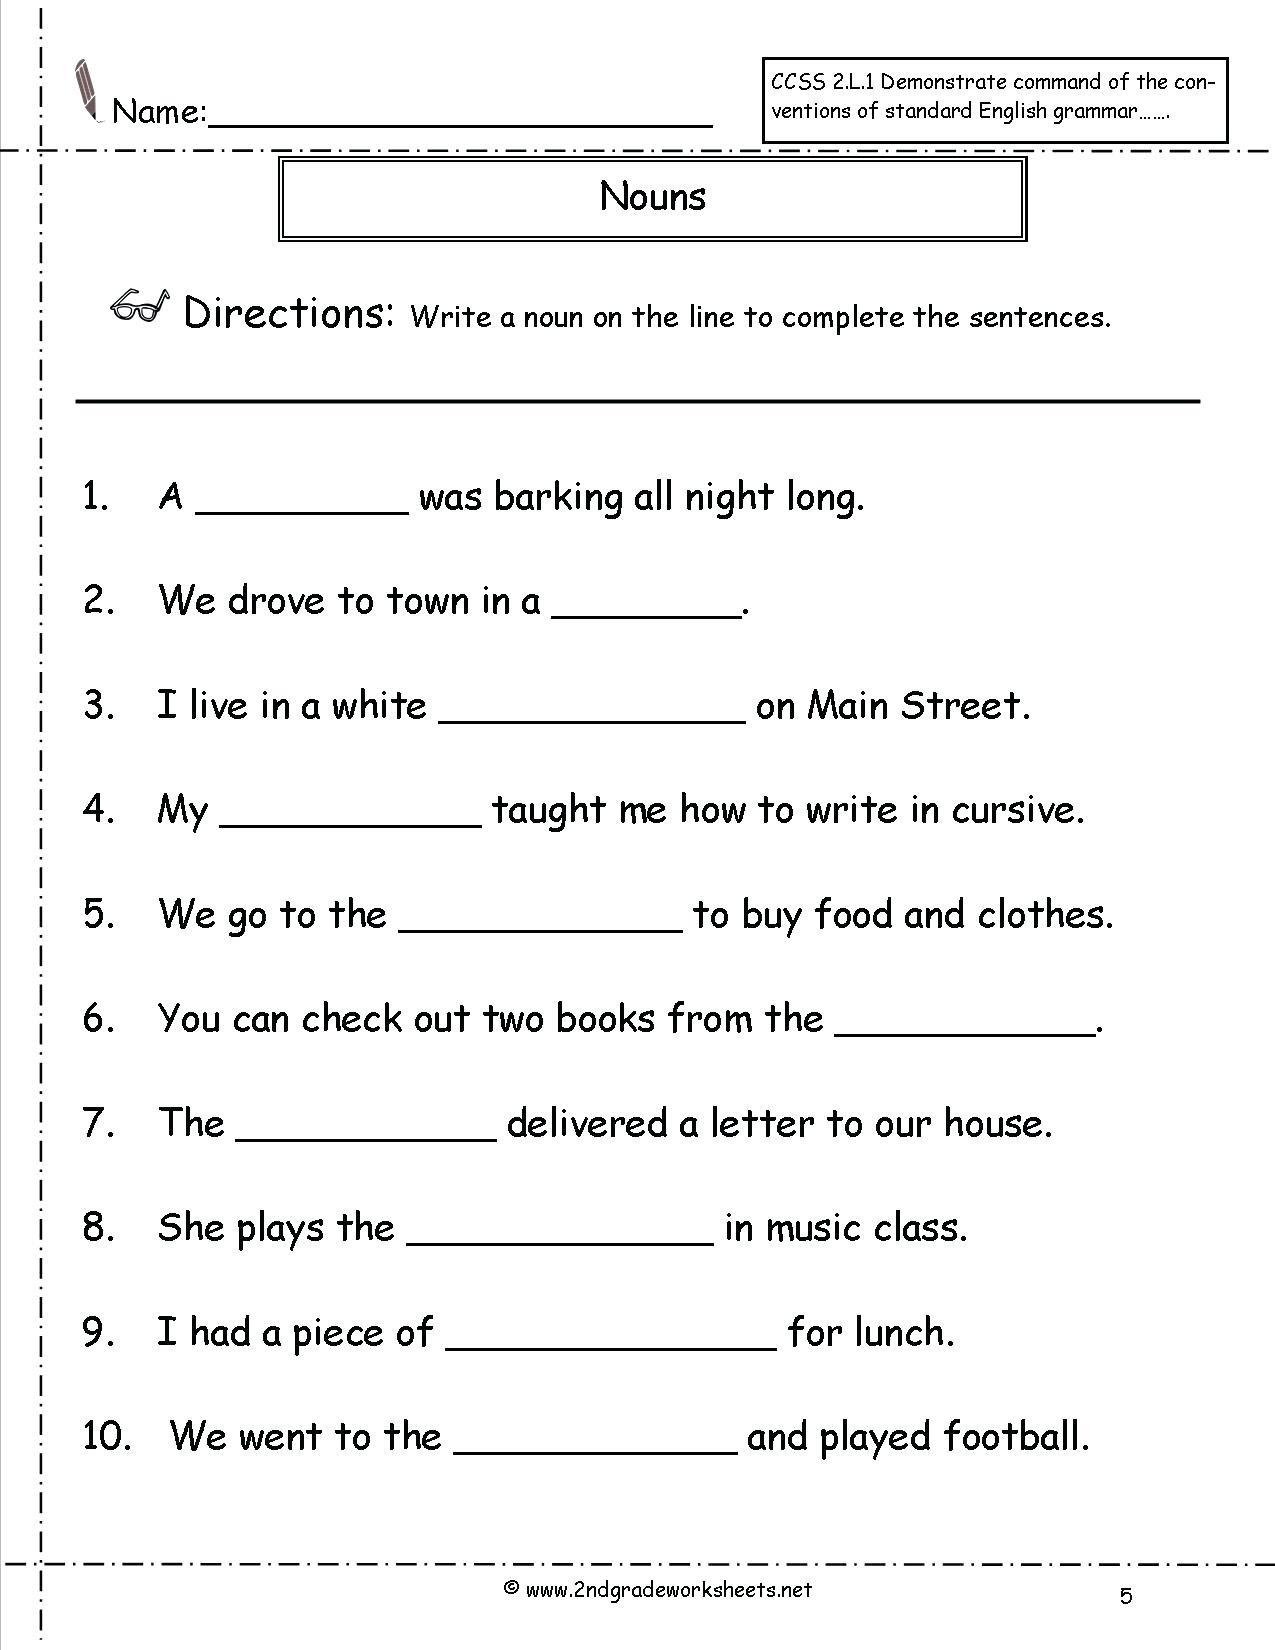 Second Grade Grammar Worksheets 2nd Grade Noun Worksheets Irregular Plural Noun Worksheet